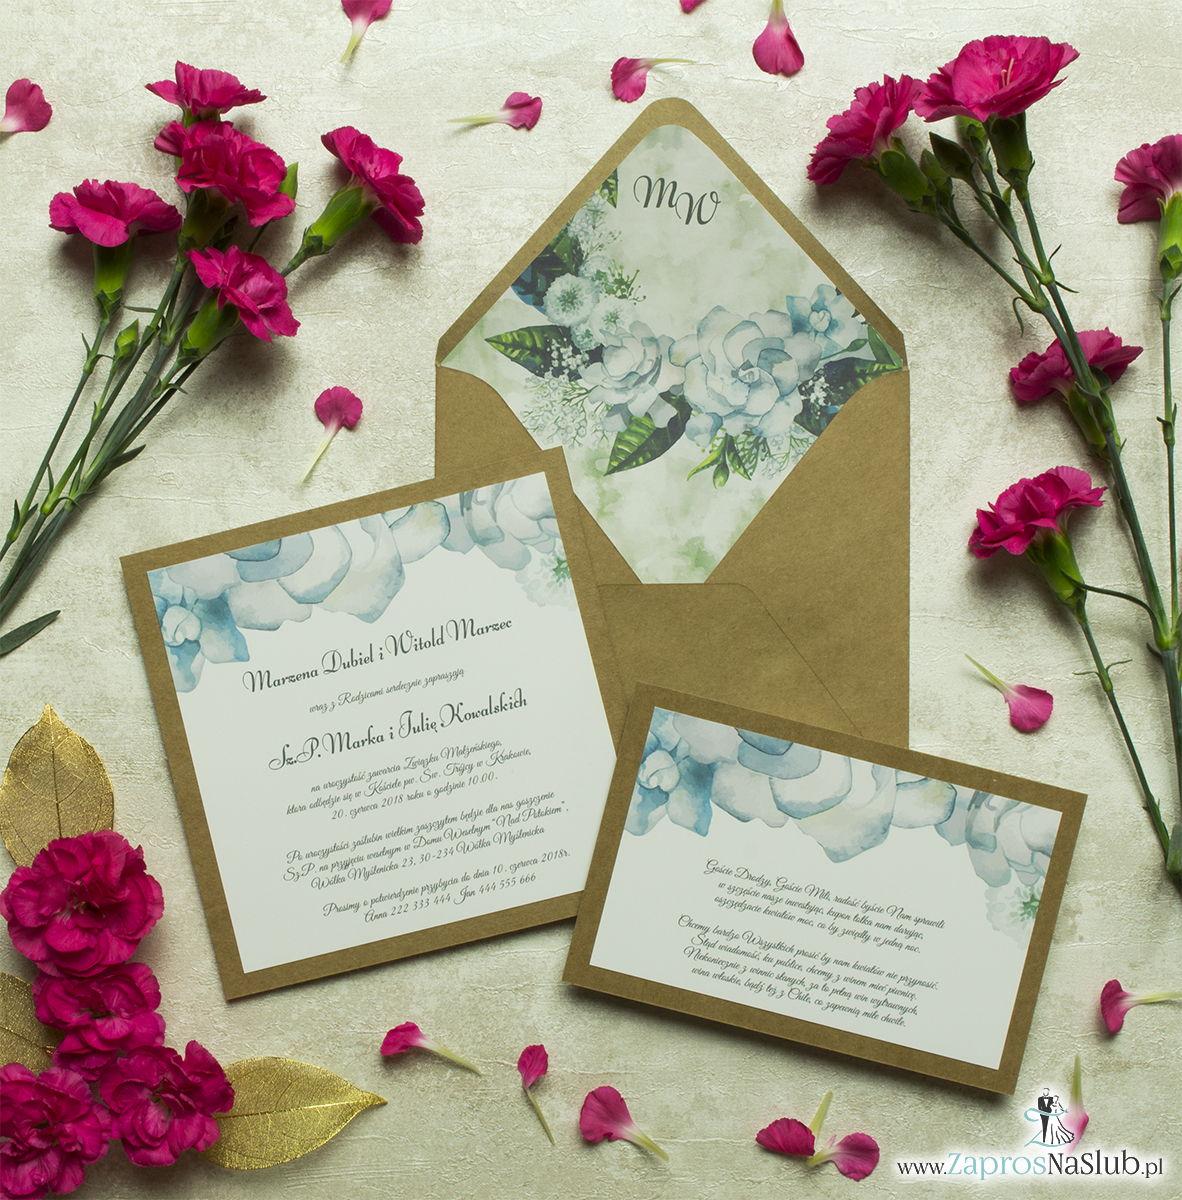 Dwuczęściowe, kwiatowe zaproszenia ślubne w stylu eko, z białymi kwiatami oraz ciemnozielonymi liśćmi. ZAP-76-07